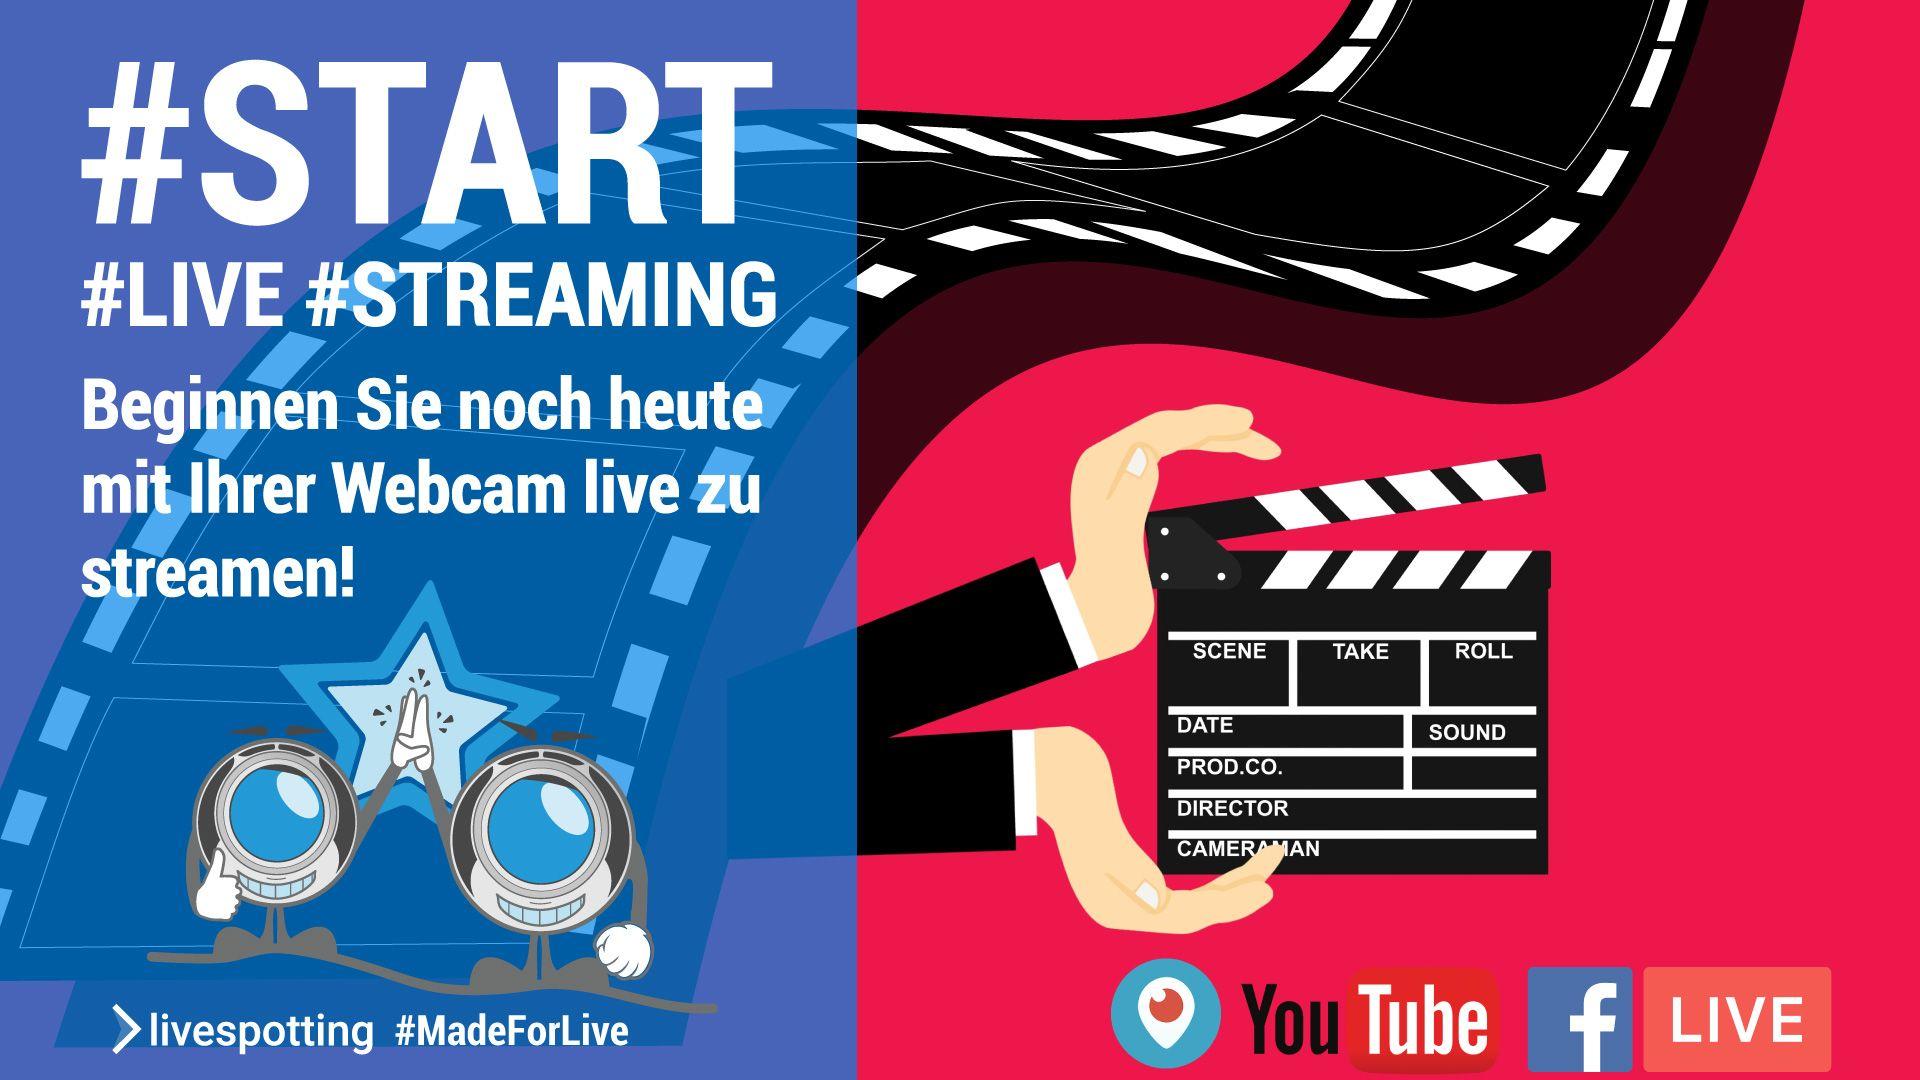 Wie beginne ich mit Live-Streaming?